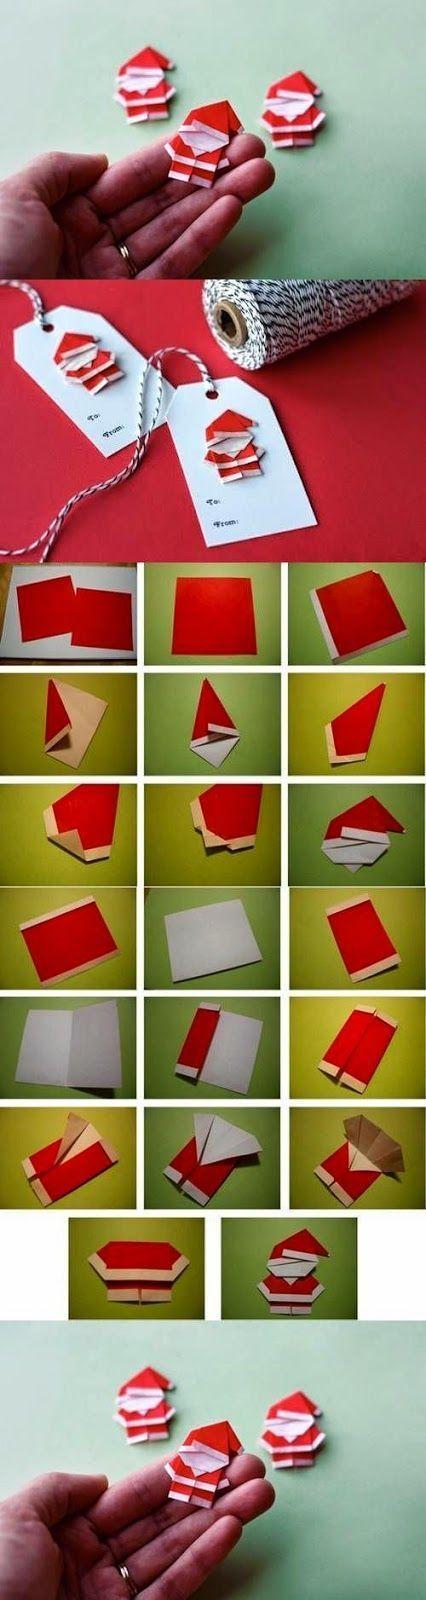 DIY Cute Paper Santa Claus: